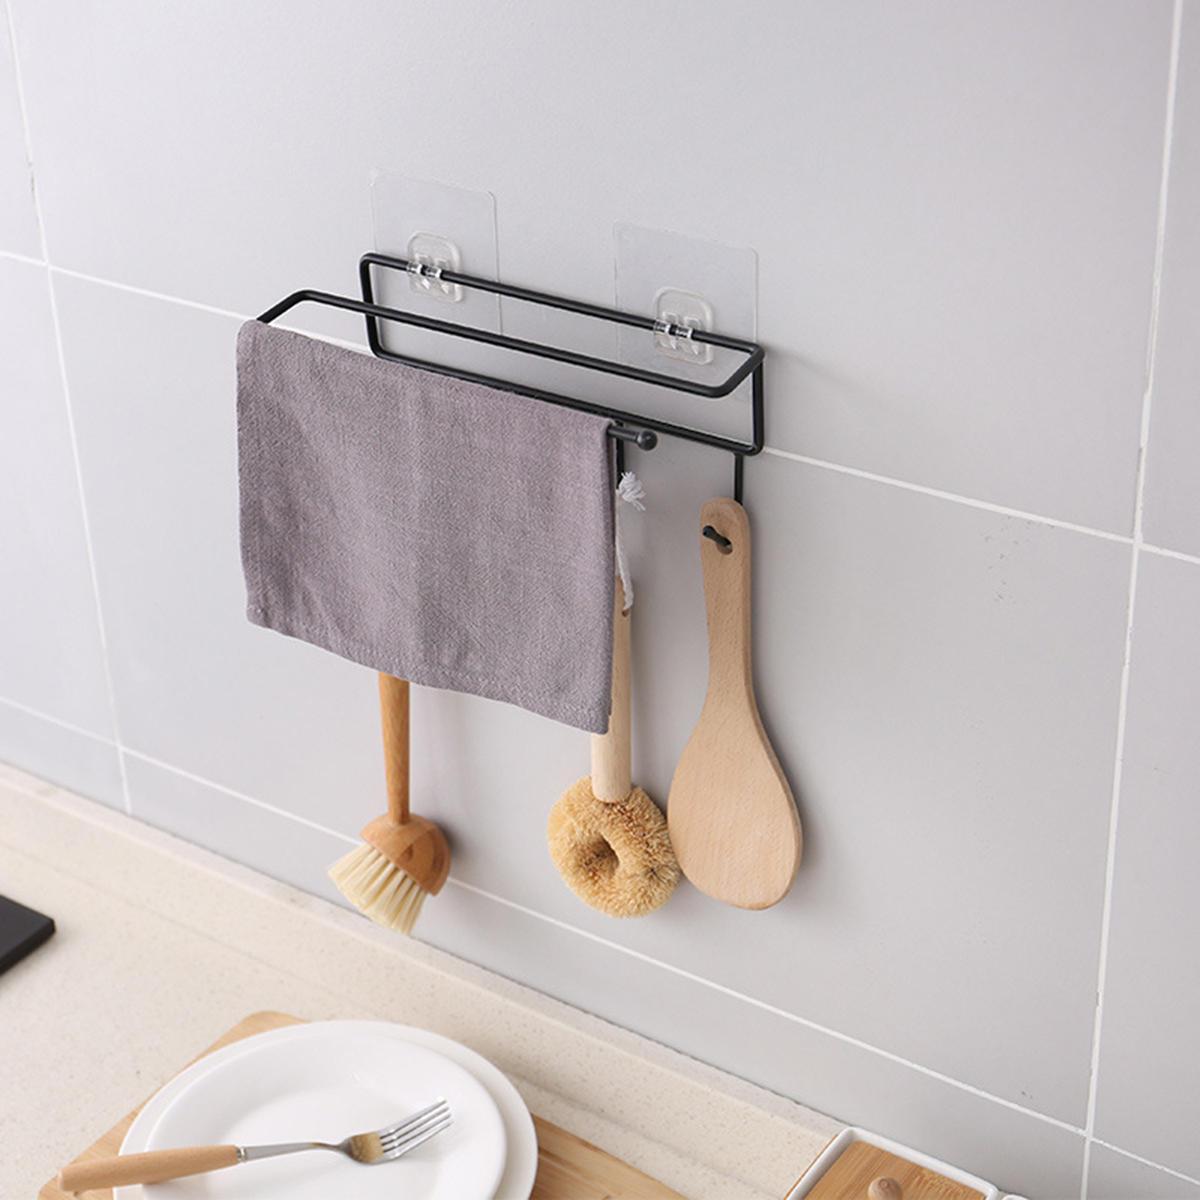 Full Size of Küche Handtuchhalter Tissue Storage Hakenhalter Kche Bad Regal Einrichten Mini Laminat In Lampen Umziehen Rosa Alno Mobile Hochglanz Günstig Mit Wohnzimmer Küche Handtuchhalter